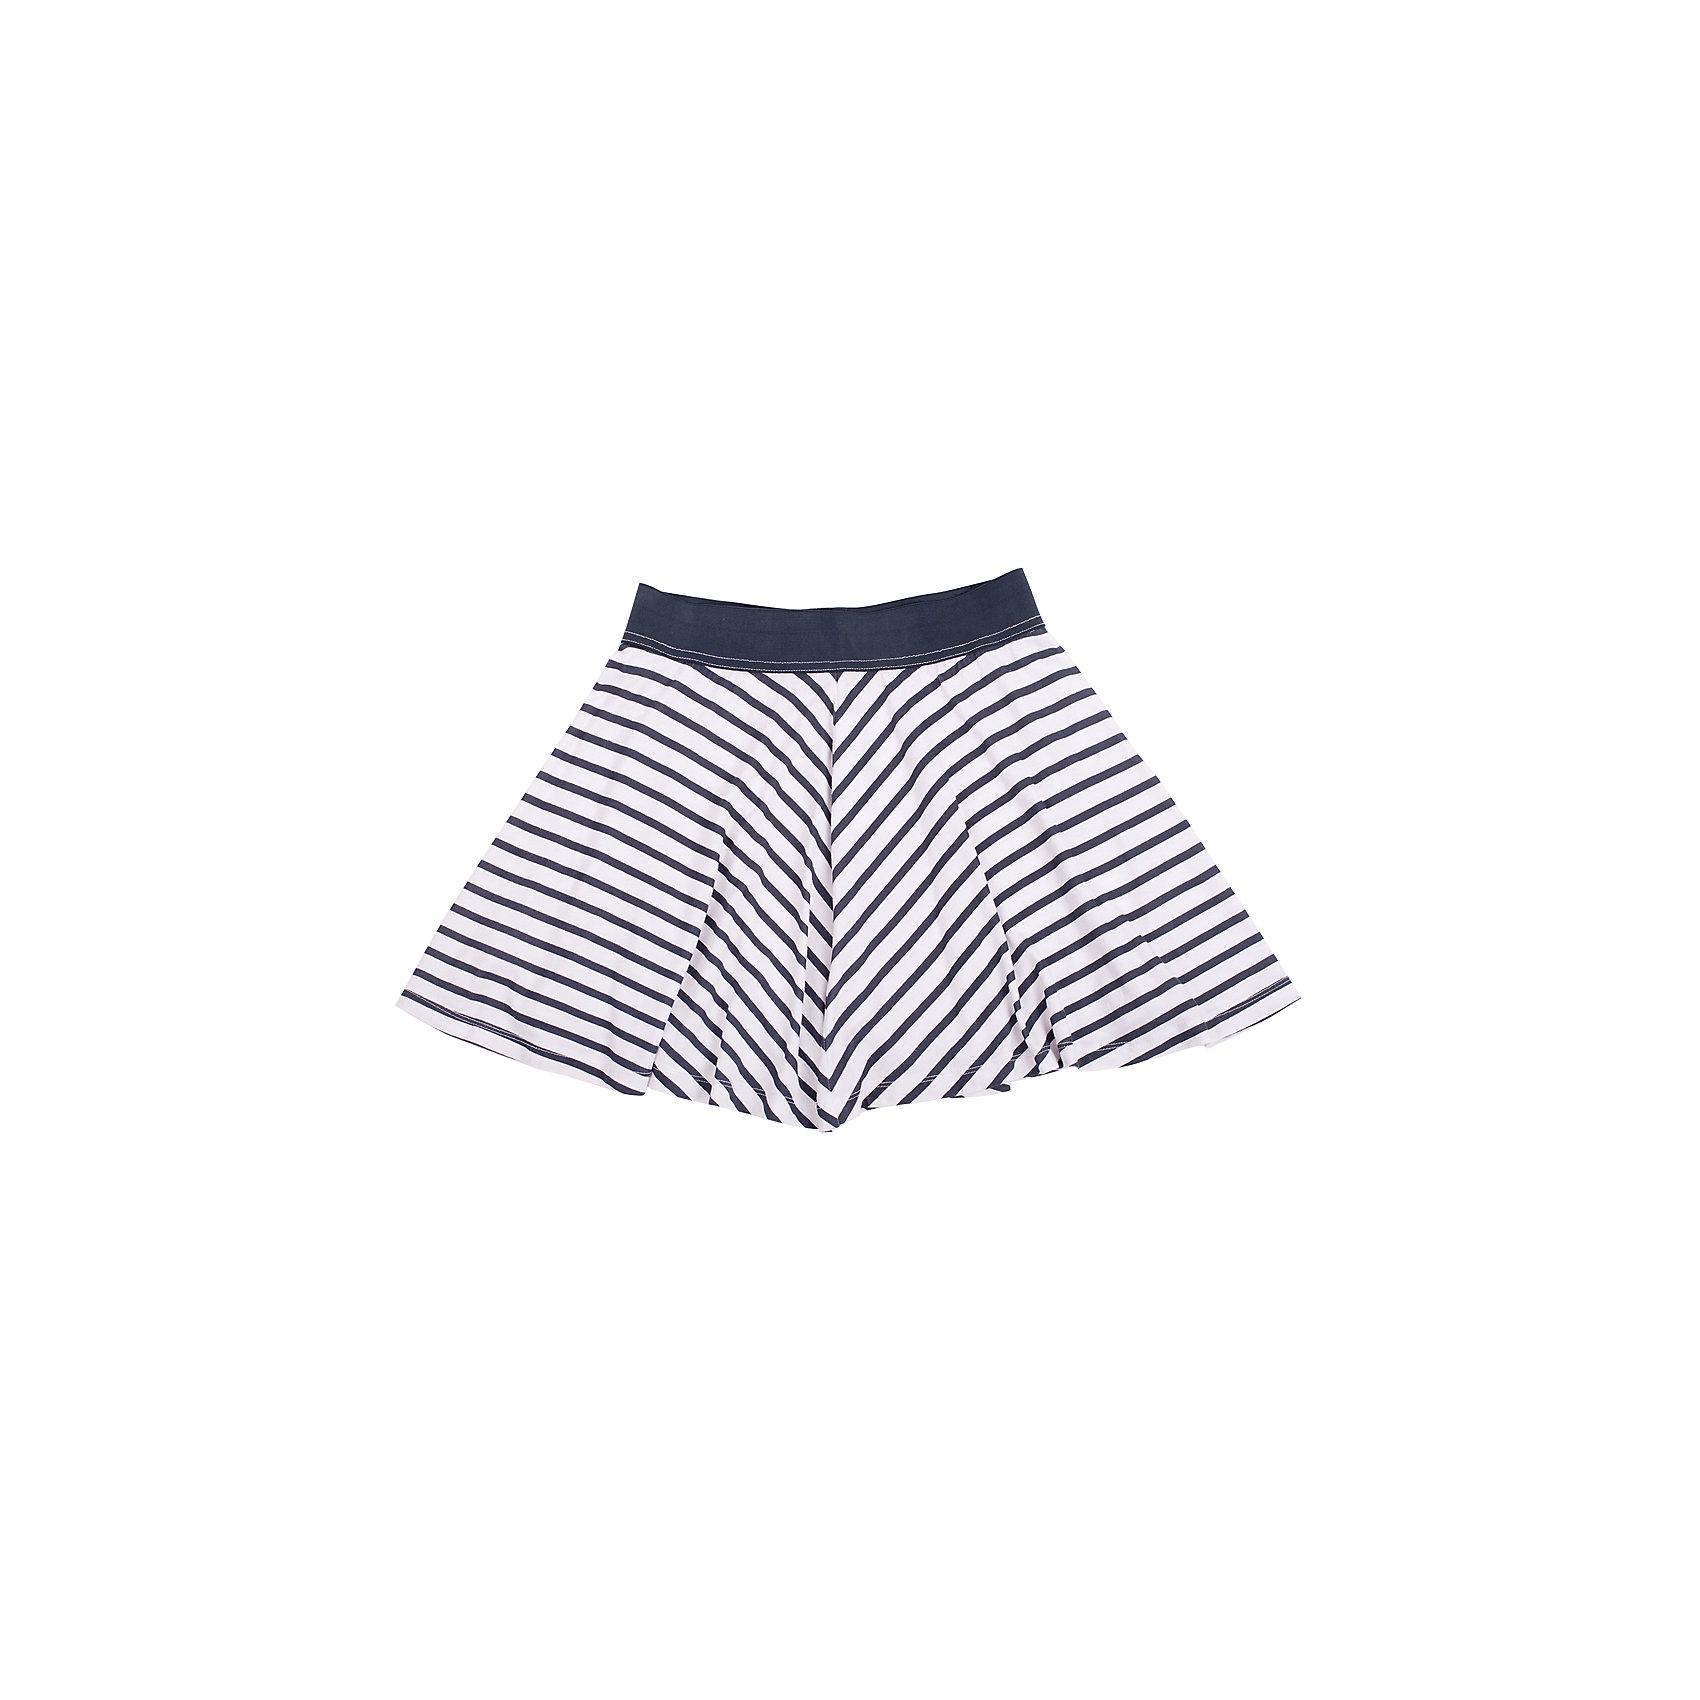 Юбка для девочки GulliverСтильная трикотажная юбка для девочки украсит новый летний гардероб ребенка и придаст ему свежесть и новизну. Сочетание полоски и летящего трапециевидного силуэта модели солнце делает юбку очень необычной, острой, интересной. Трикотажная юбка на резинке - удобное, комфортное решение на каждый день. С топом, майкой, футболкой юбка создаст отличный комплект в спортивном стиле - динамичный и интересный!<br>Состав:<br>47,5% модал 47,5% бамбук  5% эластан<br><br>Ширина мм: 207<br>Глубина мм: 10<br>Высота мм: 189<br>Вес г: 183<br>Цвет: разноцветный<br>Возраст от месяцев: 72<br>Возраст до месяцев: 84<br>Пол: Женский<br>Возраст: Детский<br>Размер: 122,128,140,134<br>SKU: 4534887